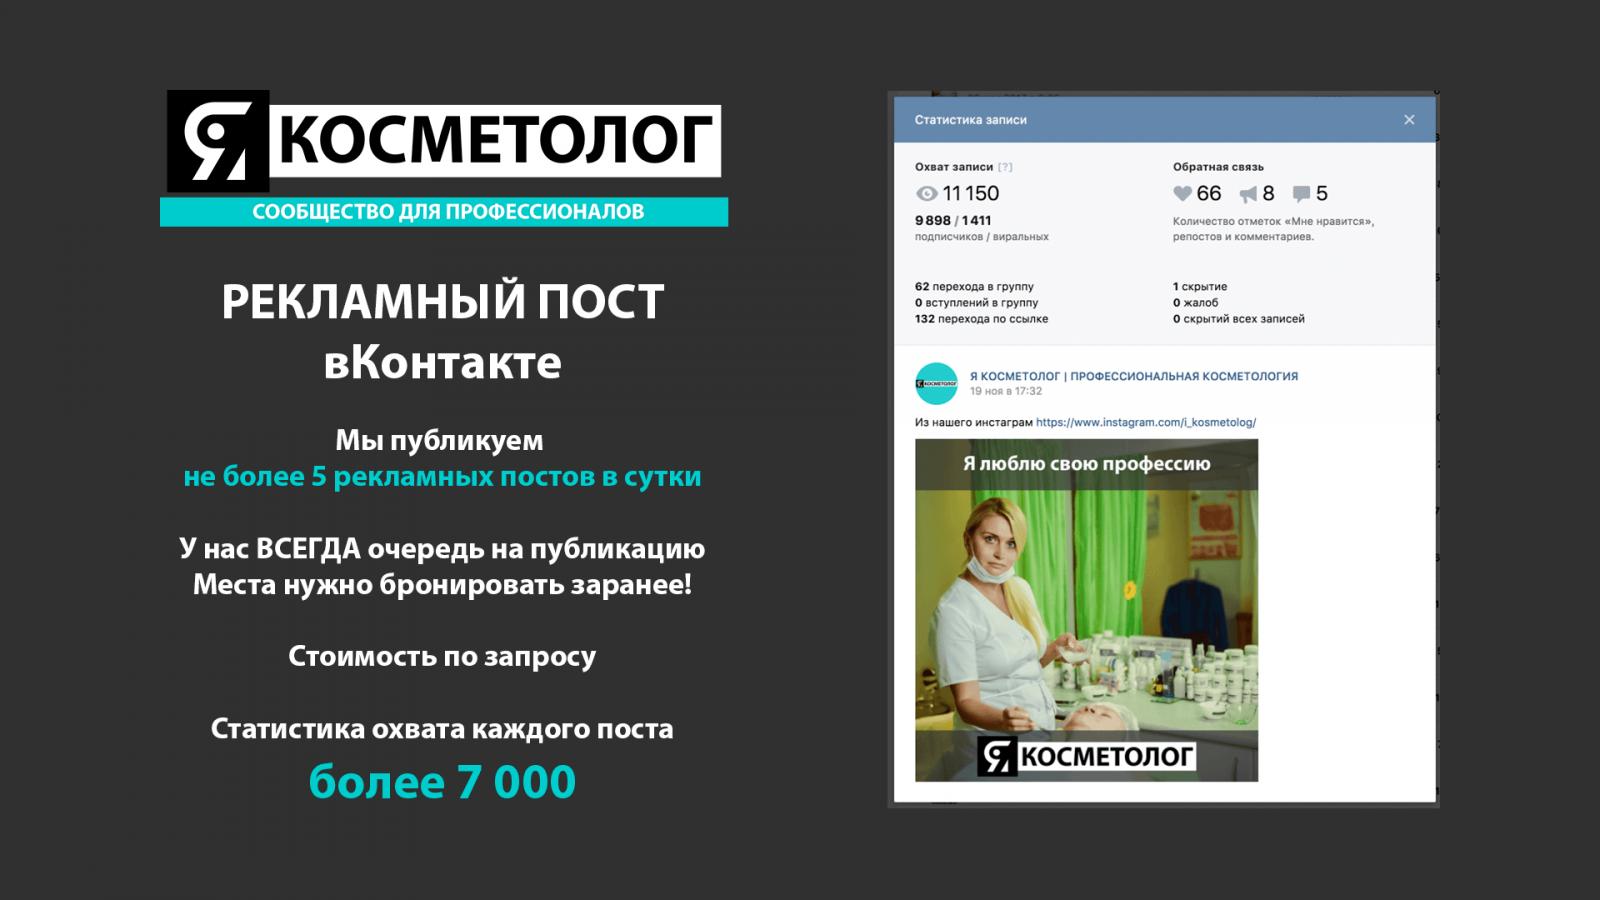 520 Презентация ЯКОСМЕТОЛОГ вКонтакте.png